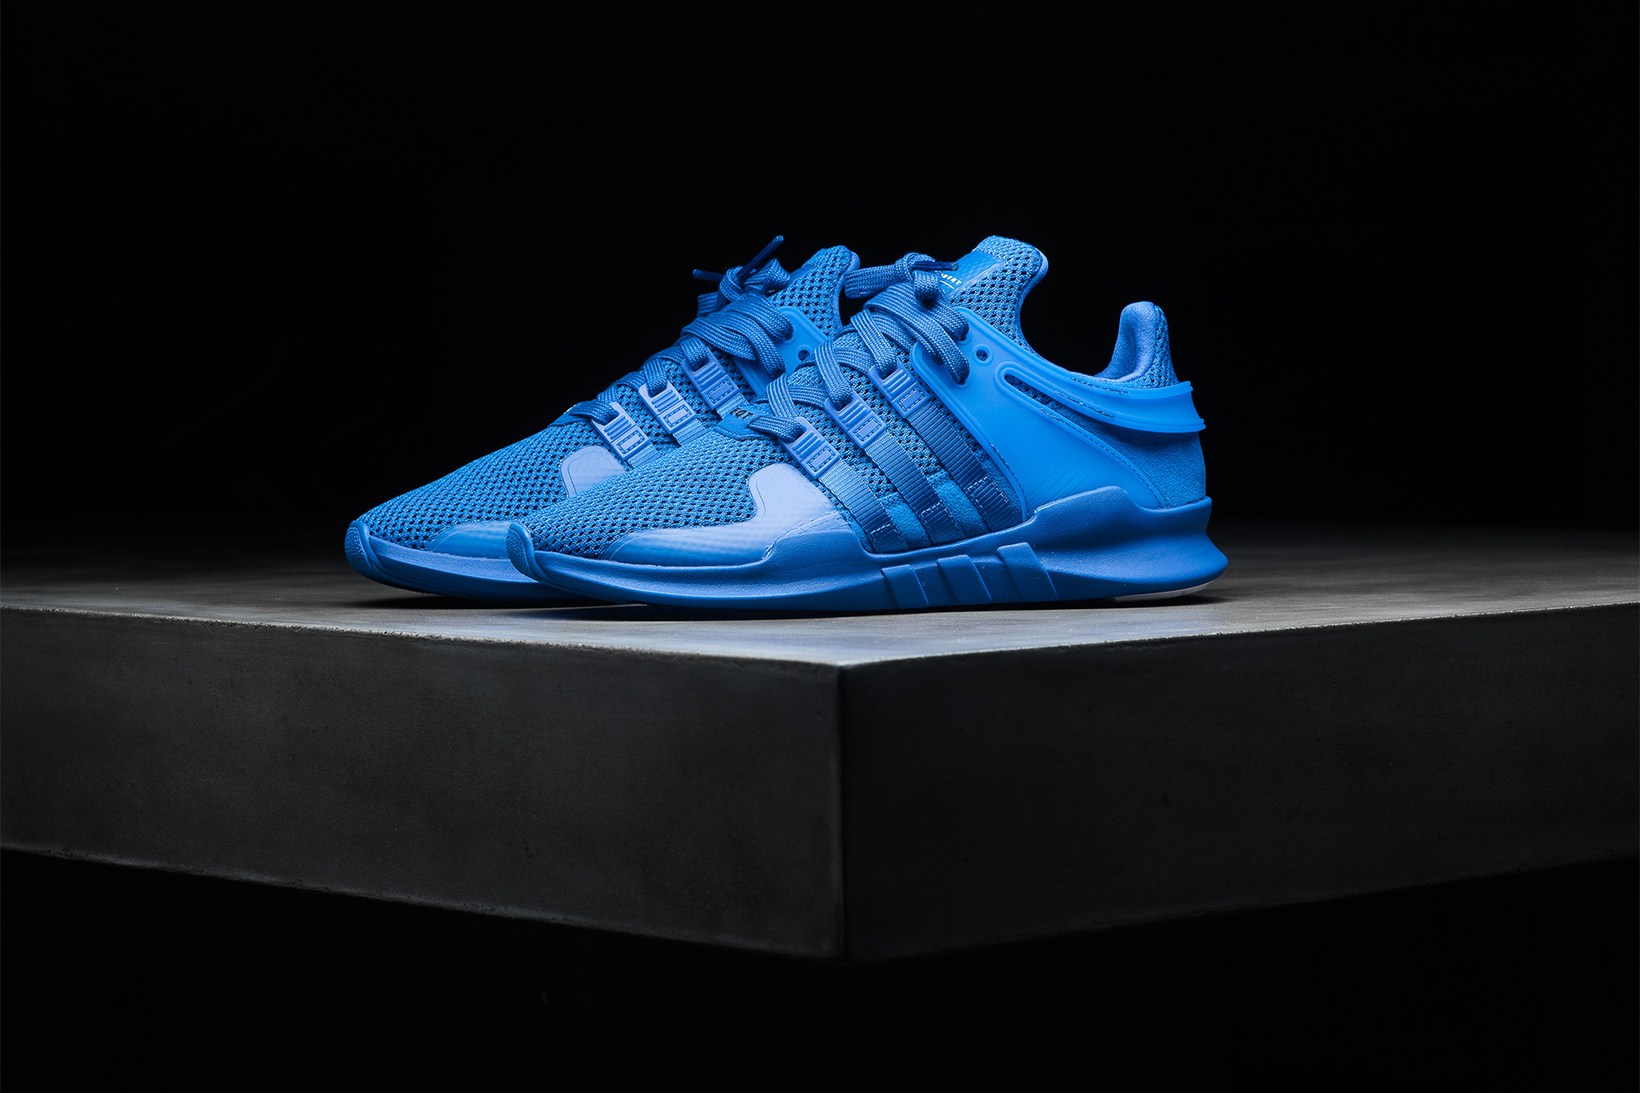 adidas-originals-eqt-support-adv-royal-blue-1